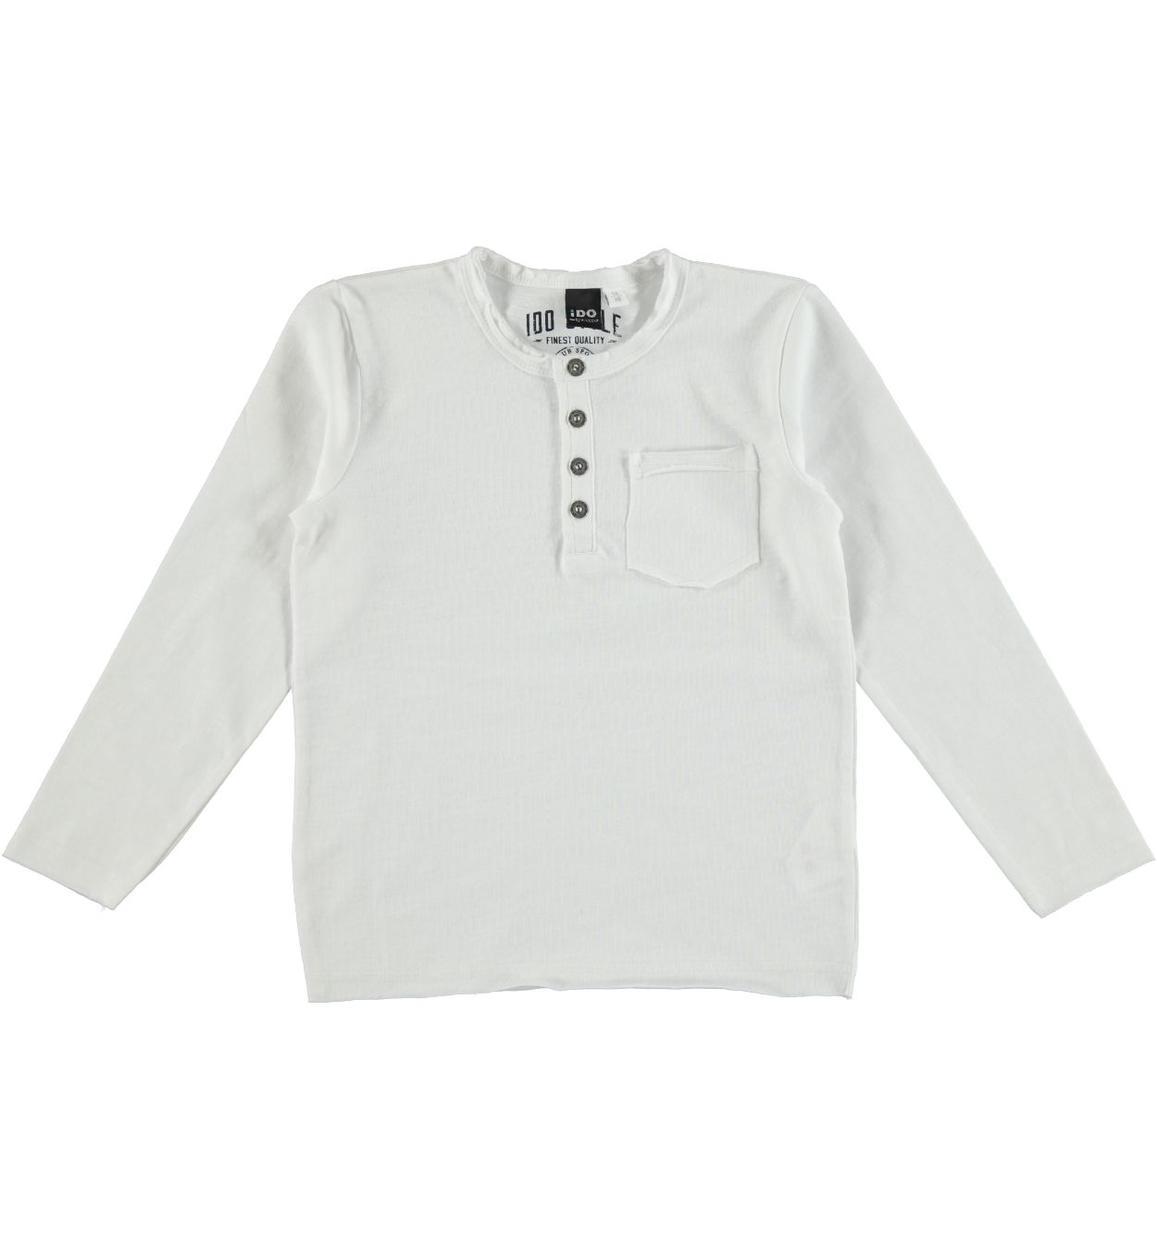 Maglietta girocollo 100% cotone modello serafino per bambino da 3 a 16 anni  iDO d5b536b17679